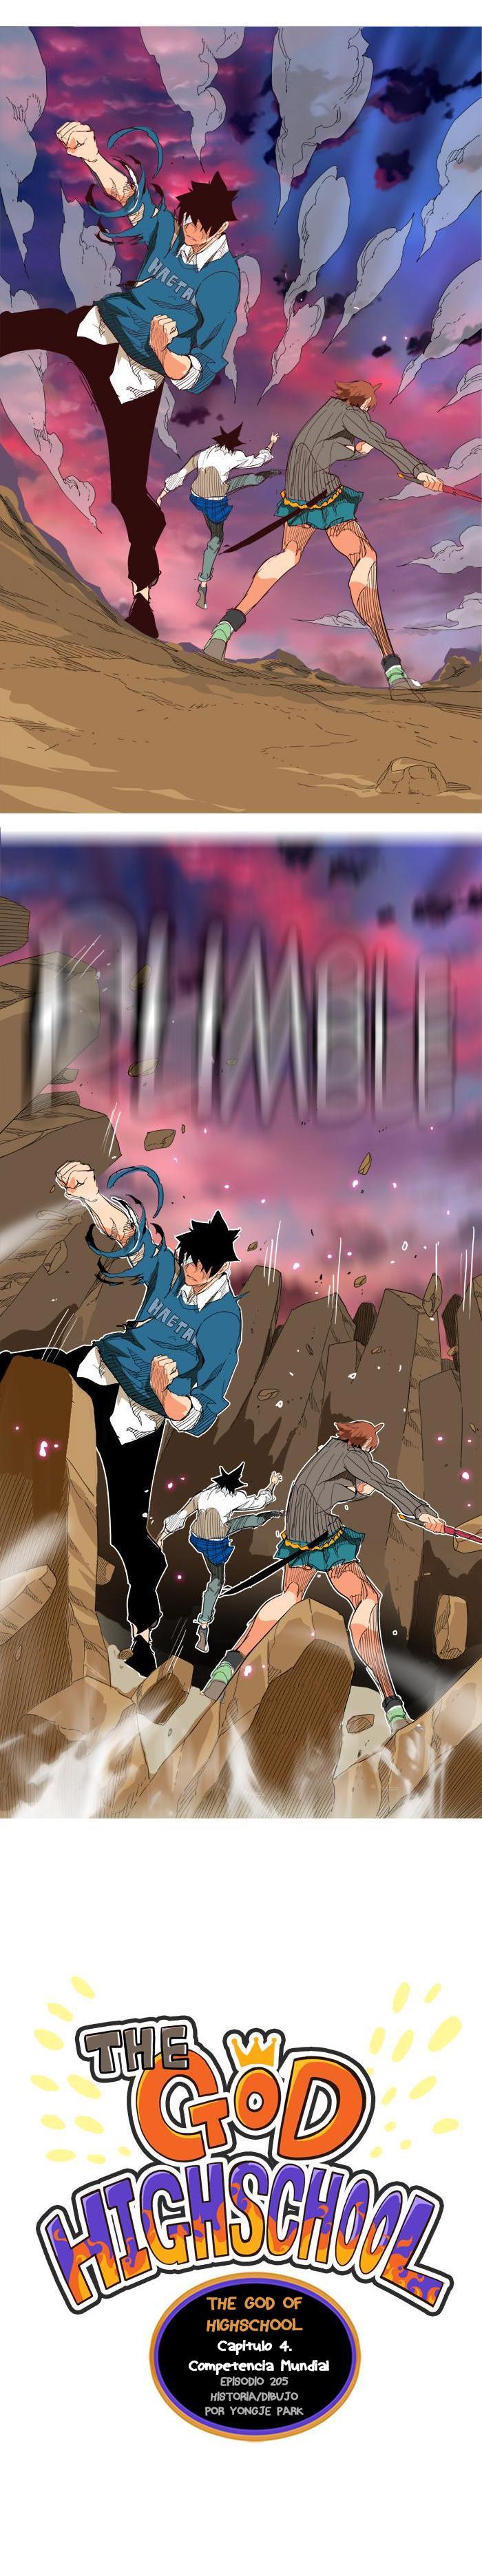 http://c5.ninemanga.com/es_manga/37/485/433870/5a7e322fae2b1140884858180a4353a7.jpg Page 8